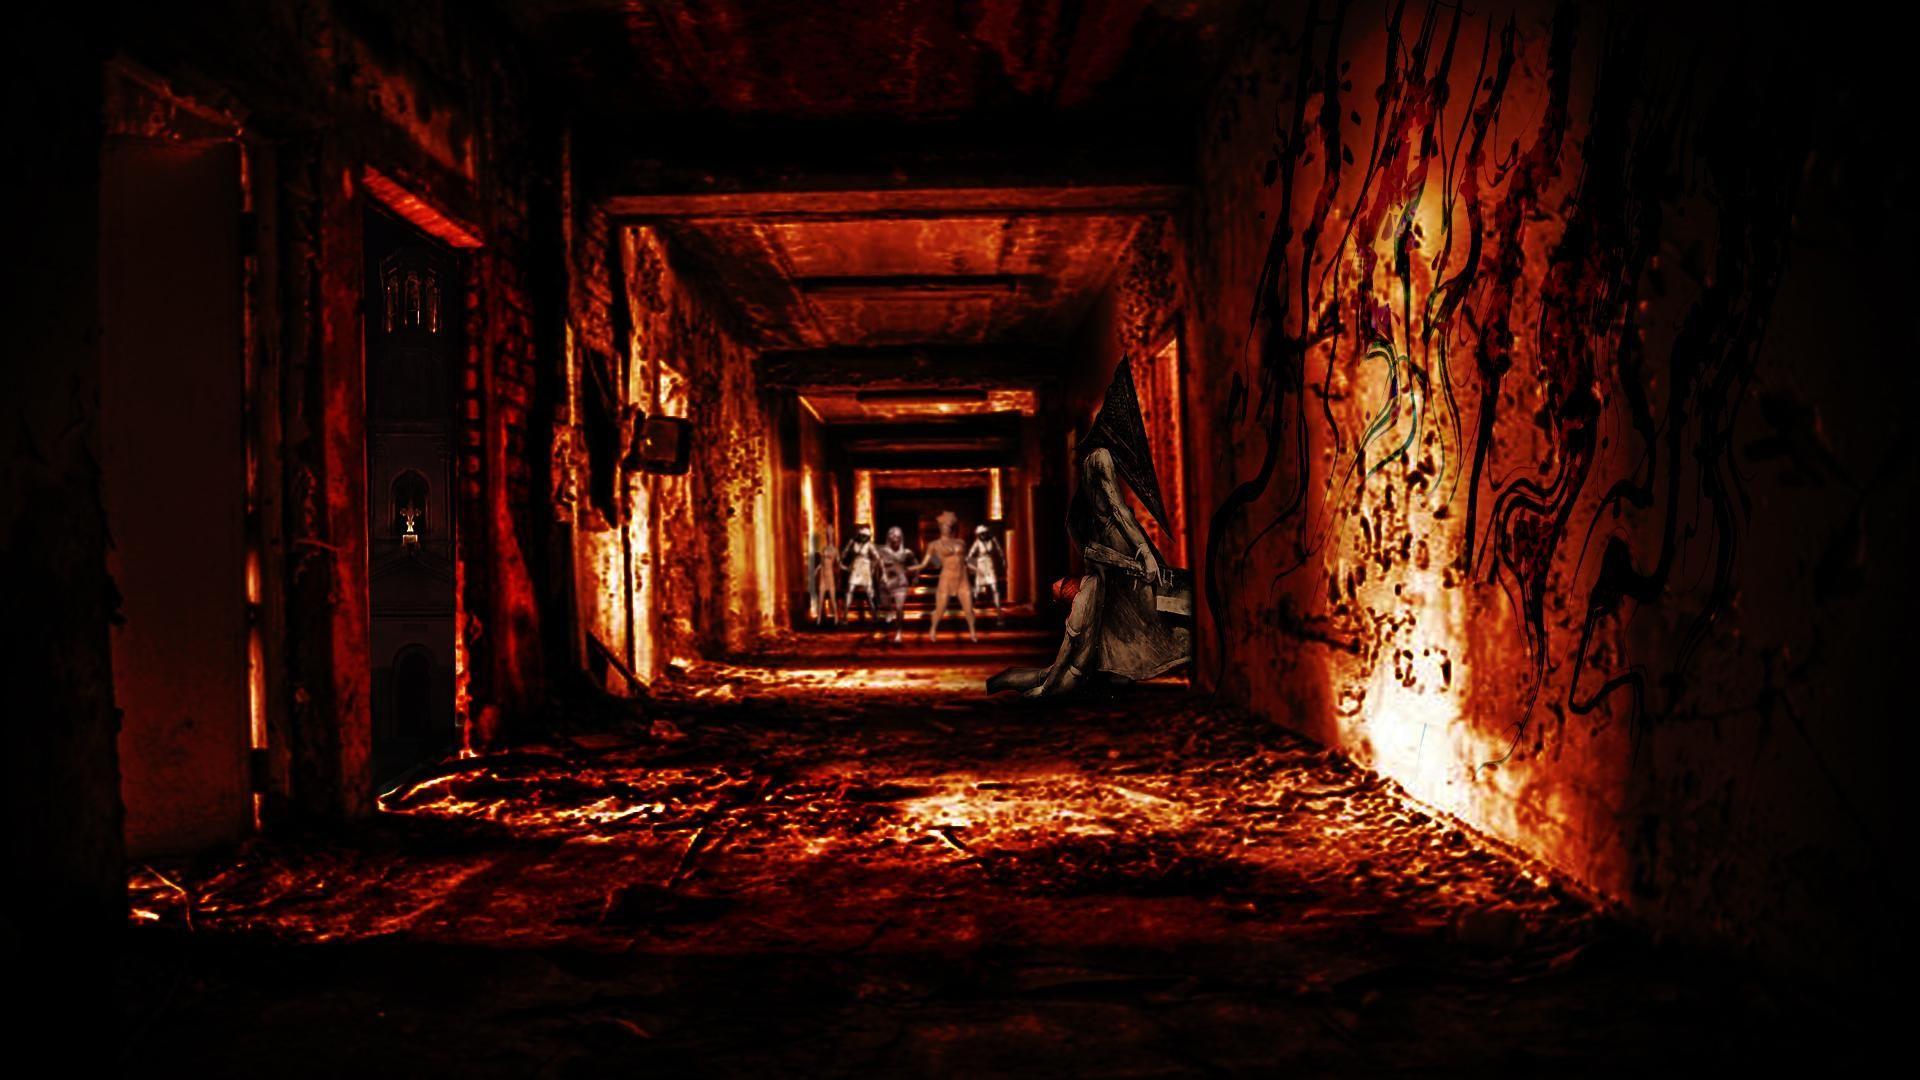 Pin By Dang Duc On Silent Hill Silent Hill Wallpaper Desktop Wallpaper